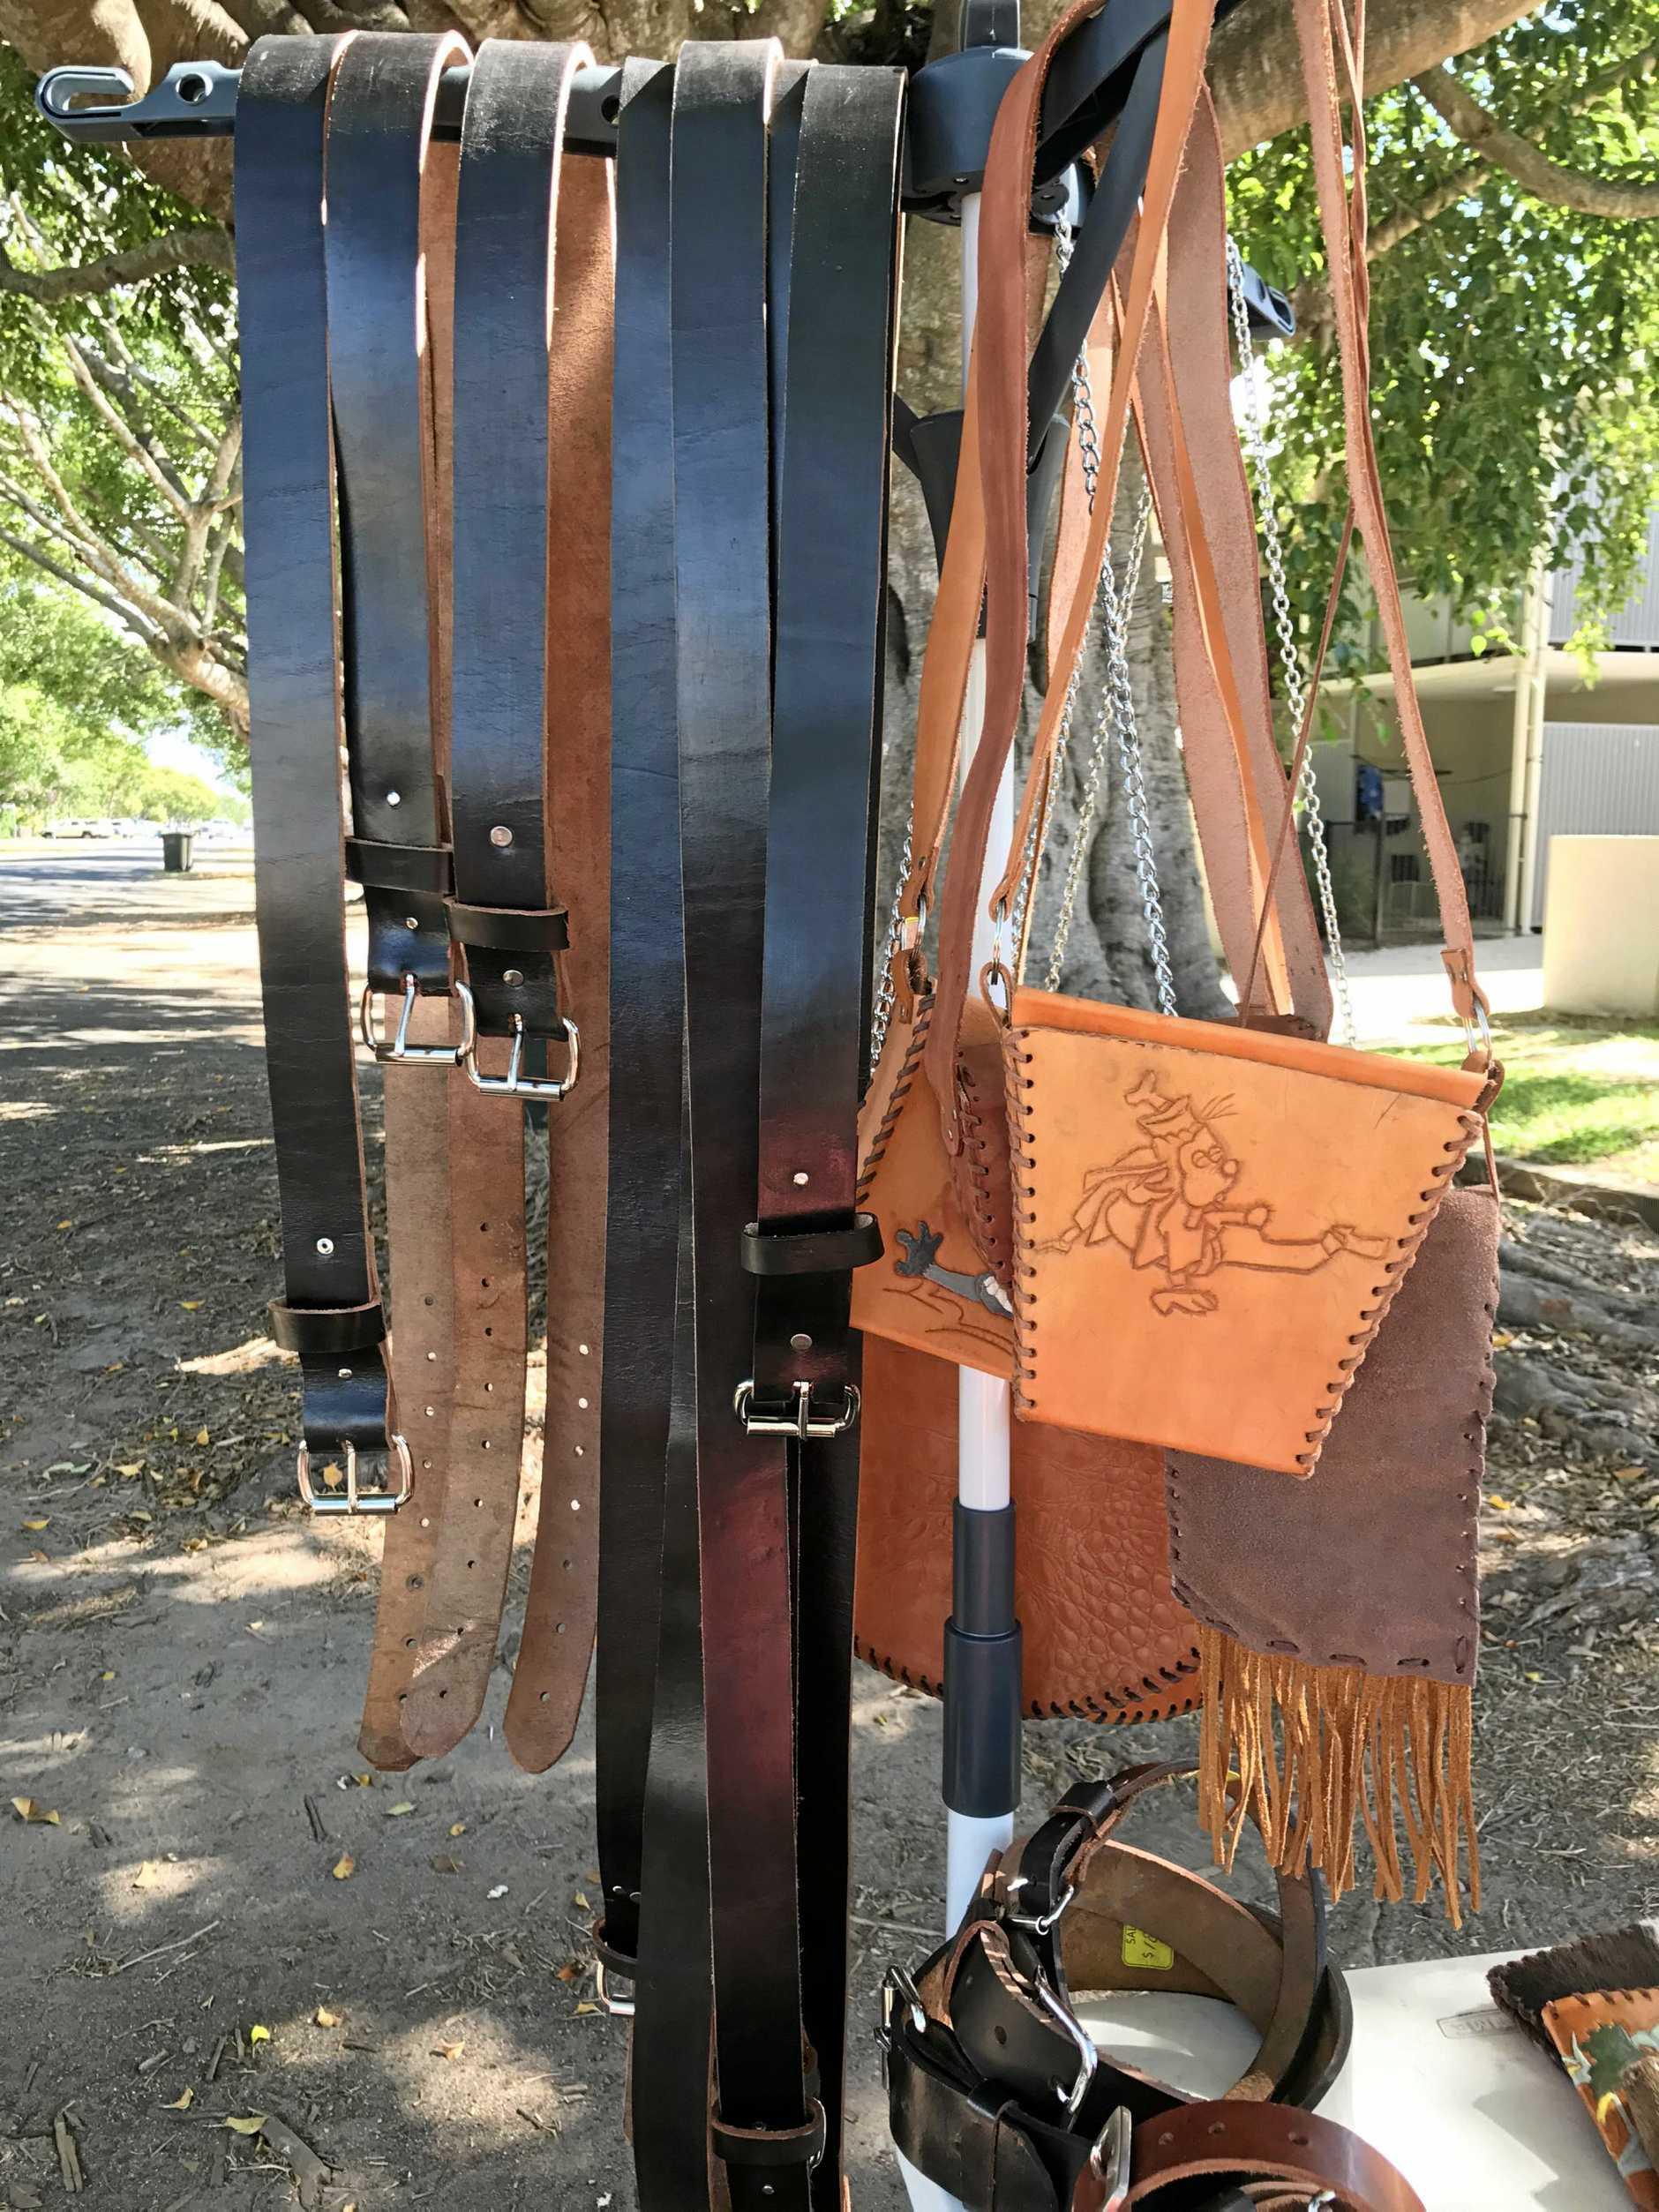 Dog collars and handbags.